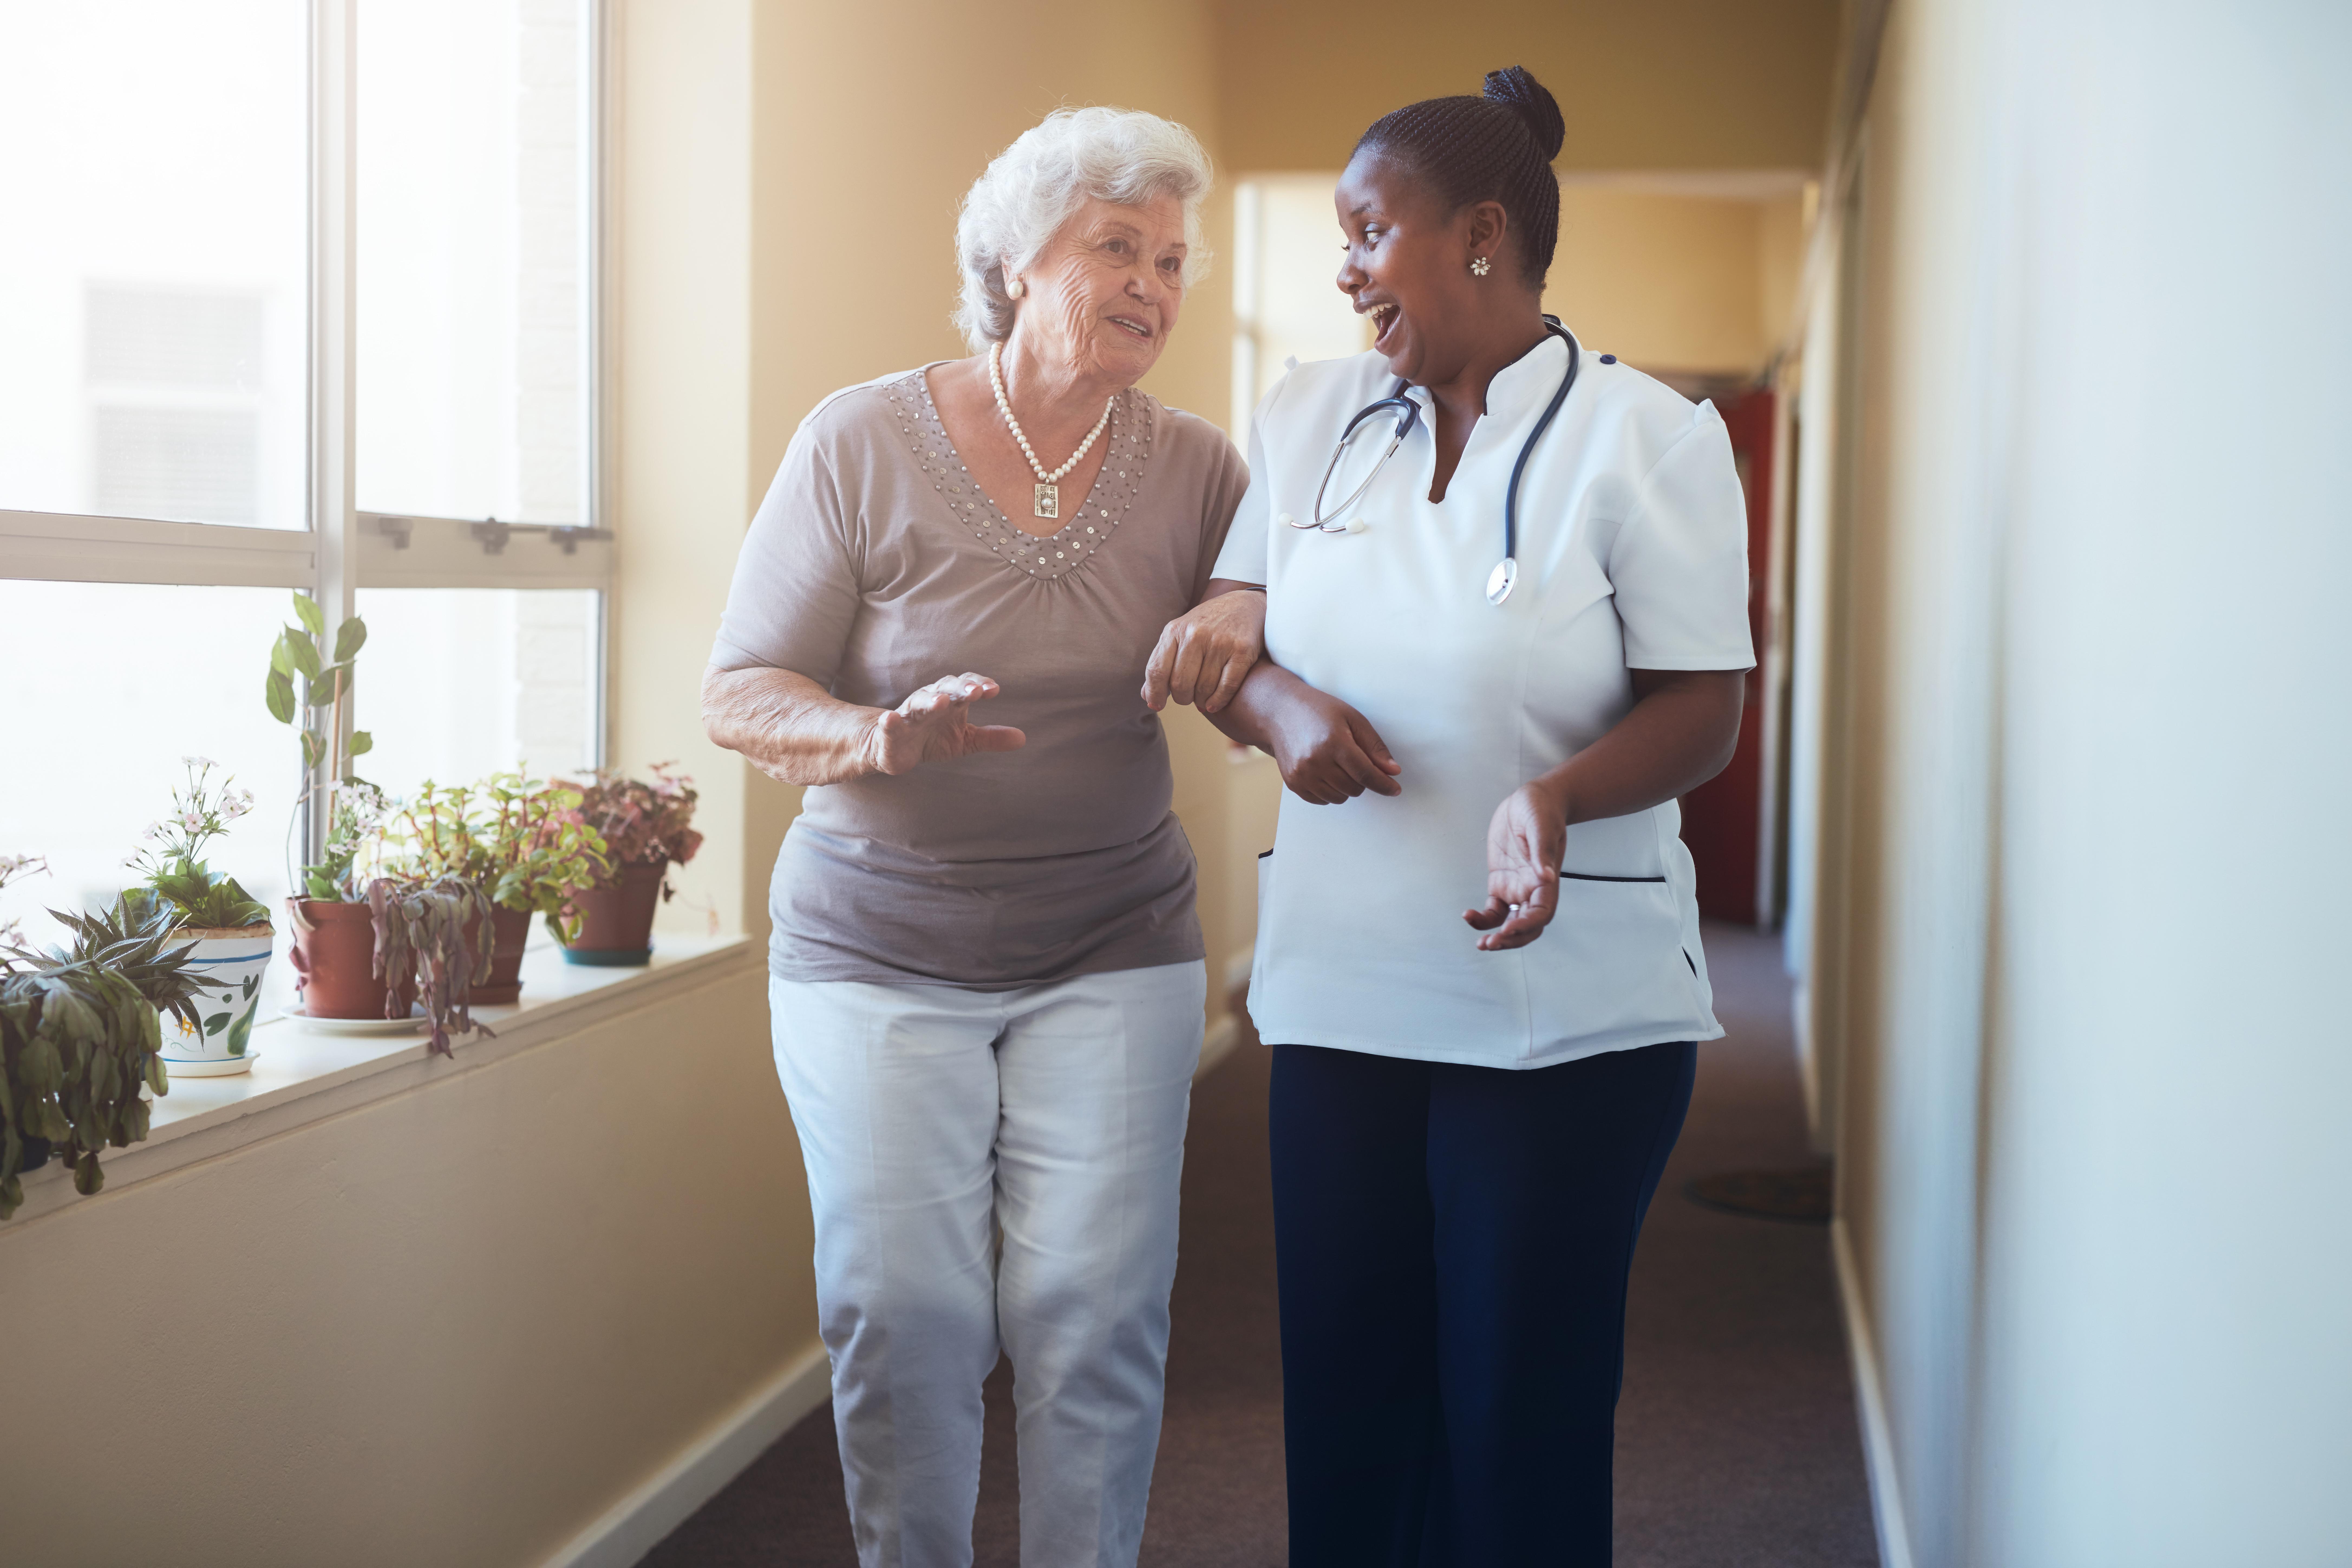 Vid besök hos en sjuksköterska kan patienten få hjälp med mycket, till exempel omläggning av sår.